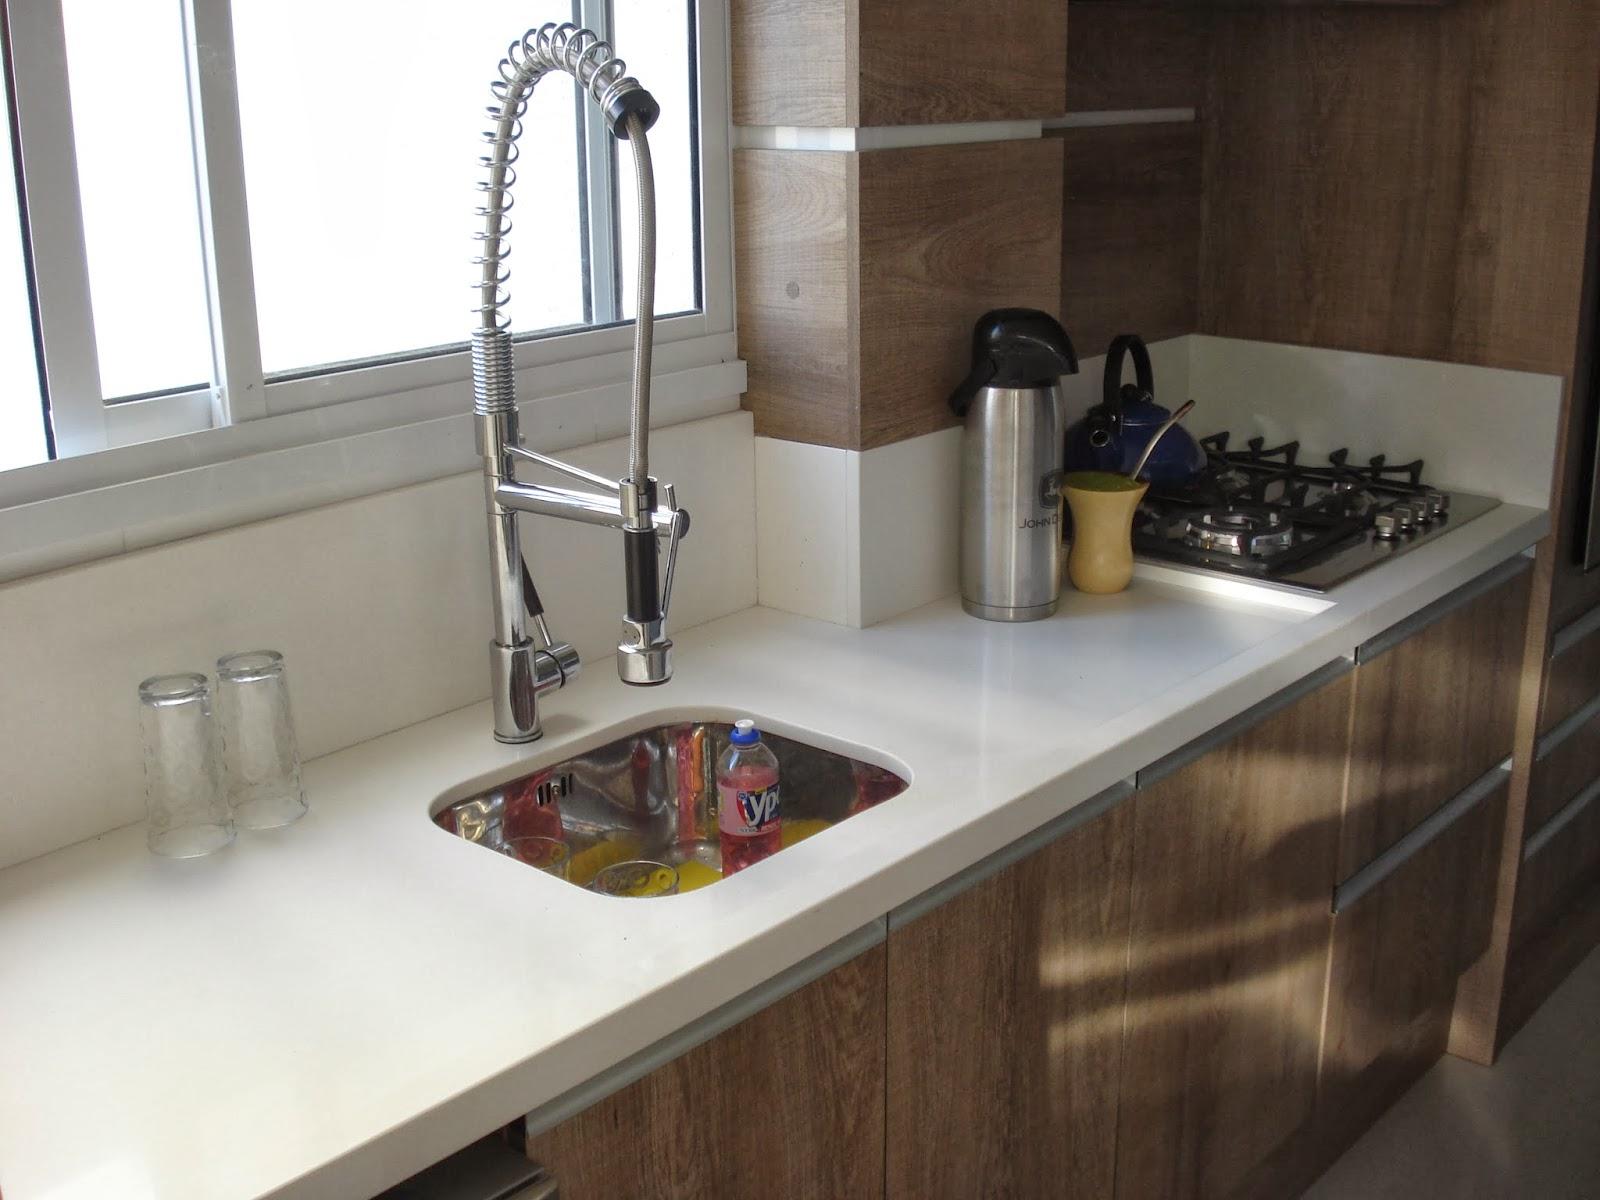 #5D4735 Cozinha de Silestone Branco Marmoraria MPK 1600x1200 px Projetos De Cozinhas Com Silestone #479 imagens